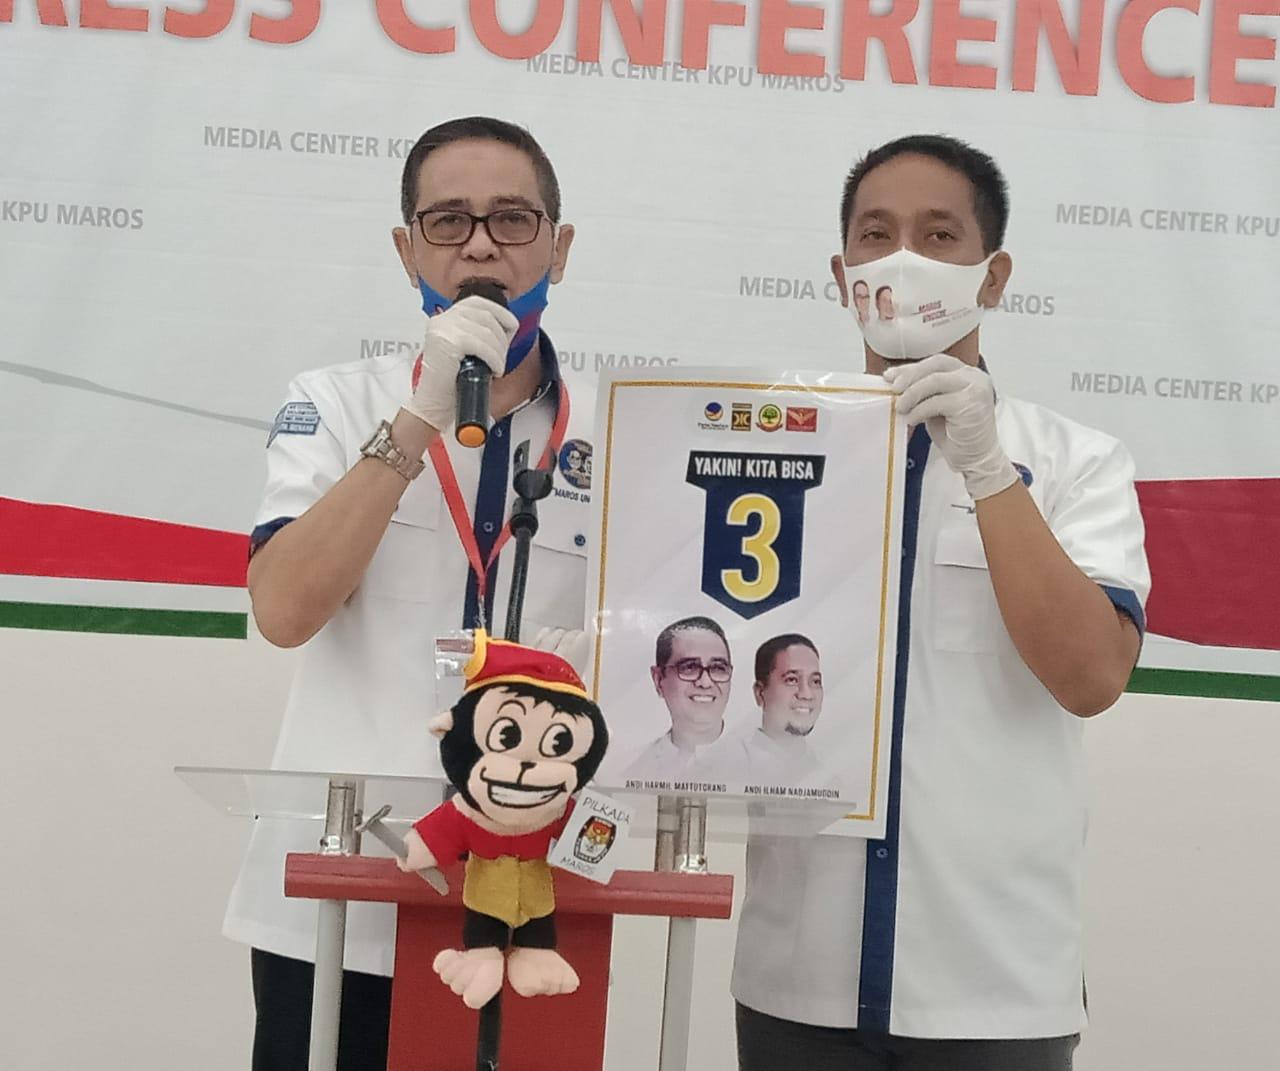 Andi Harmil Mattotorang (Maros Unggul) Optimis Nomor 3 Kembali Antar Jadi pemenang di Pilkada Maros